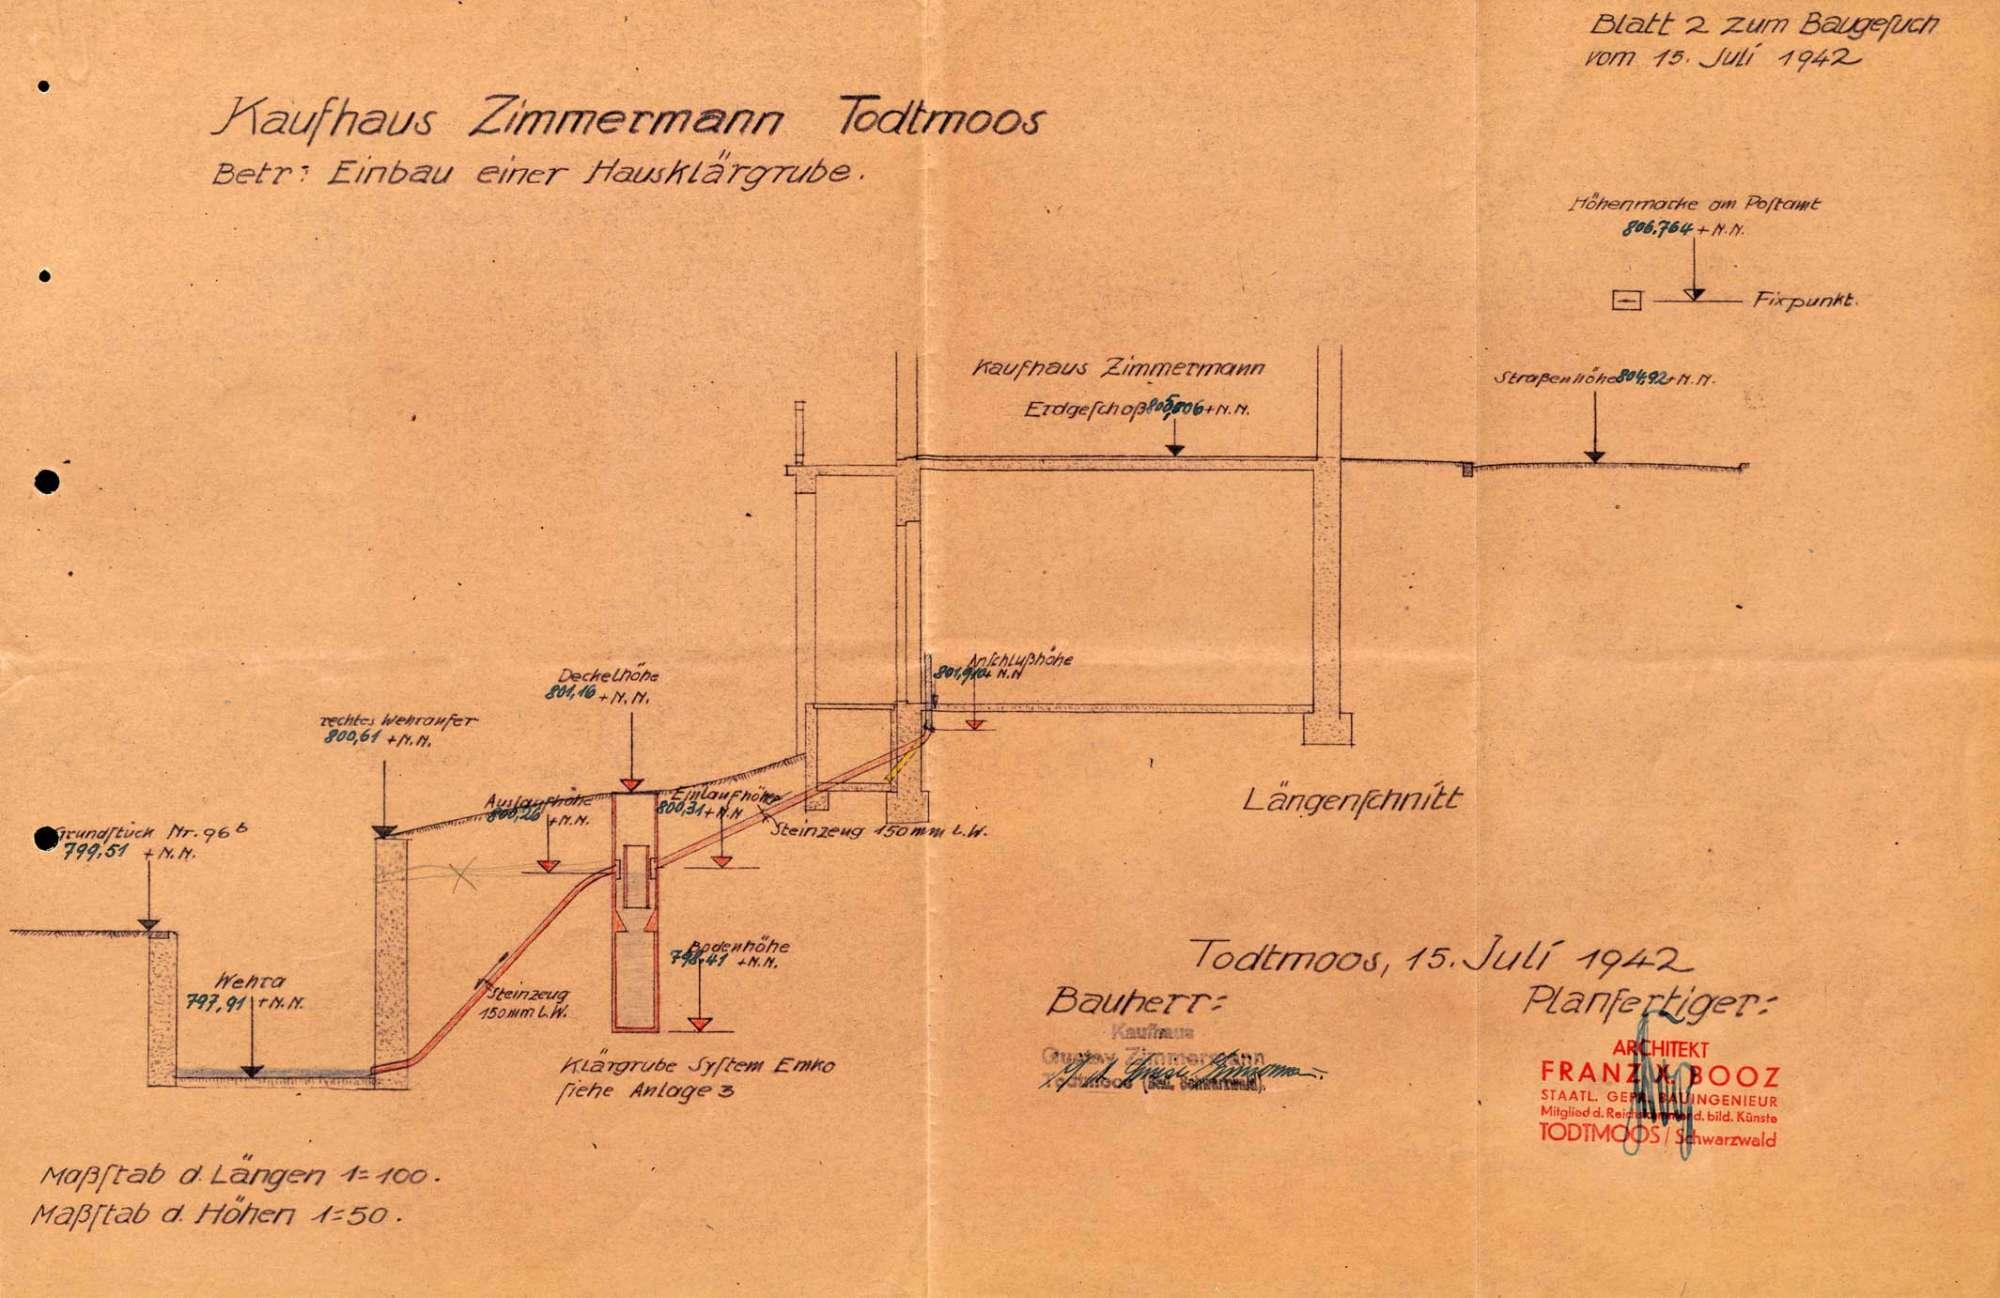 Einbau und Betrieb einer Hausklärgrube im Kaufhaus Zimmermann in Todtmoos, Bild 2